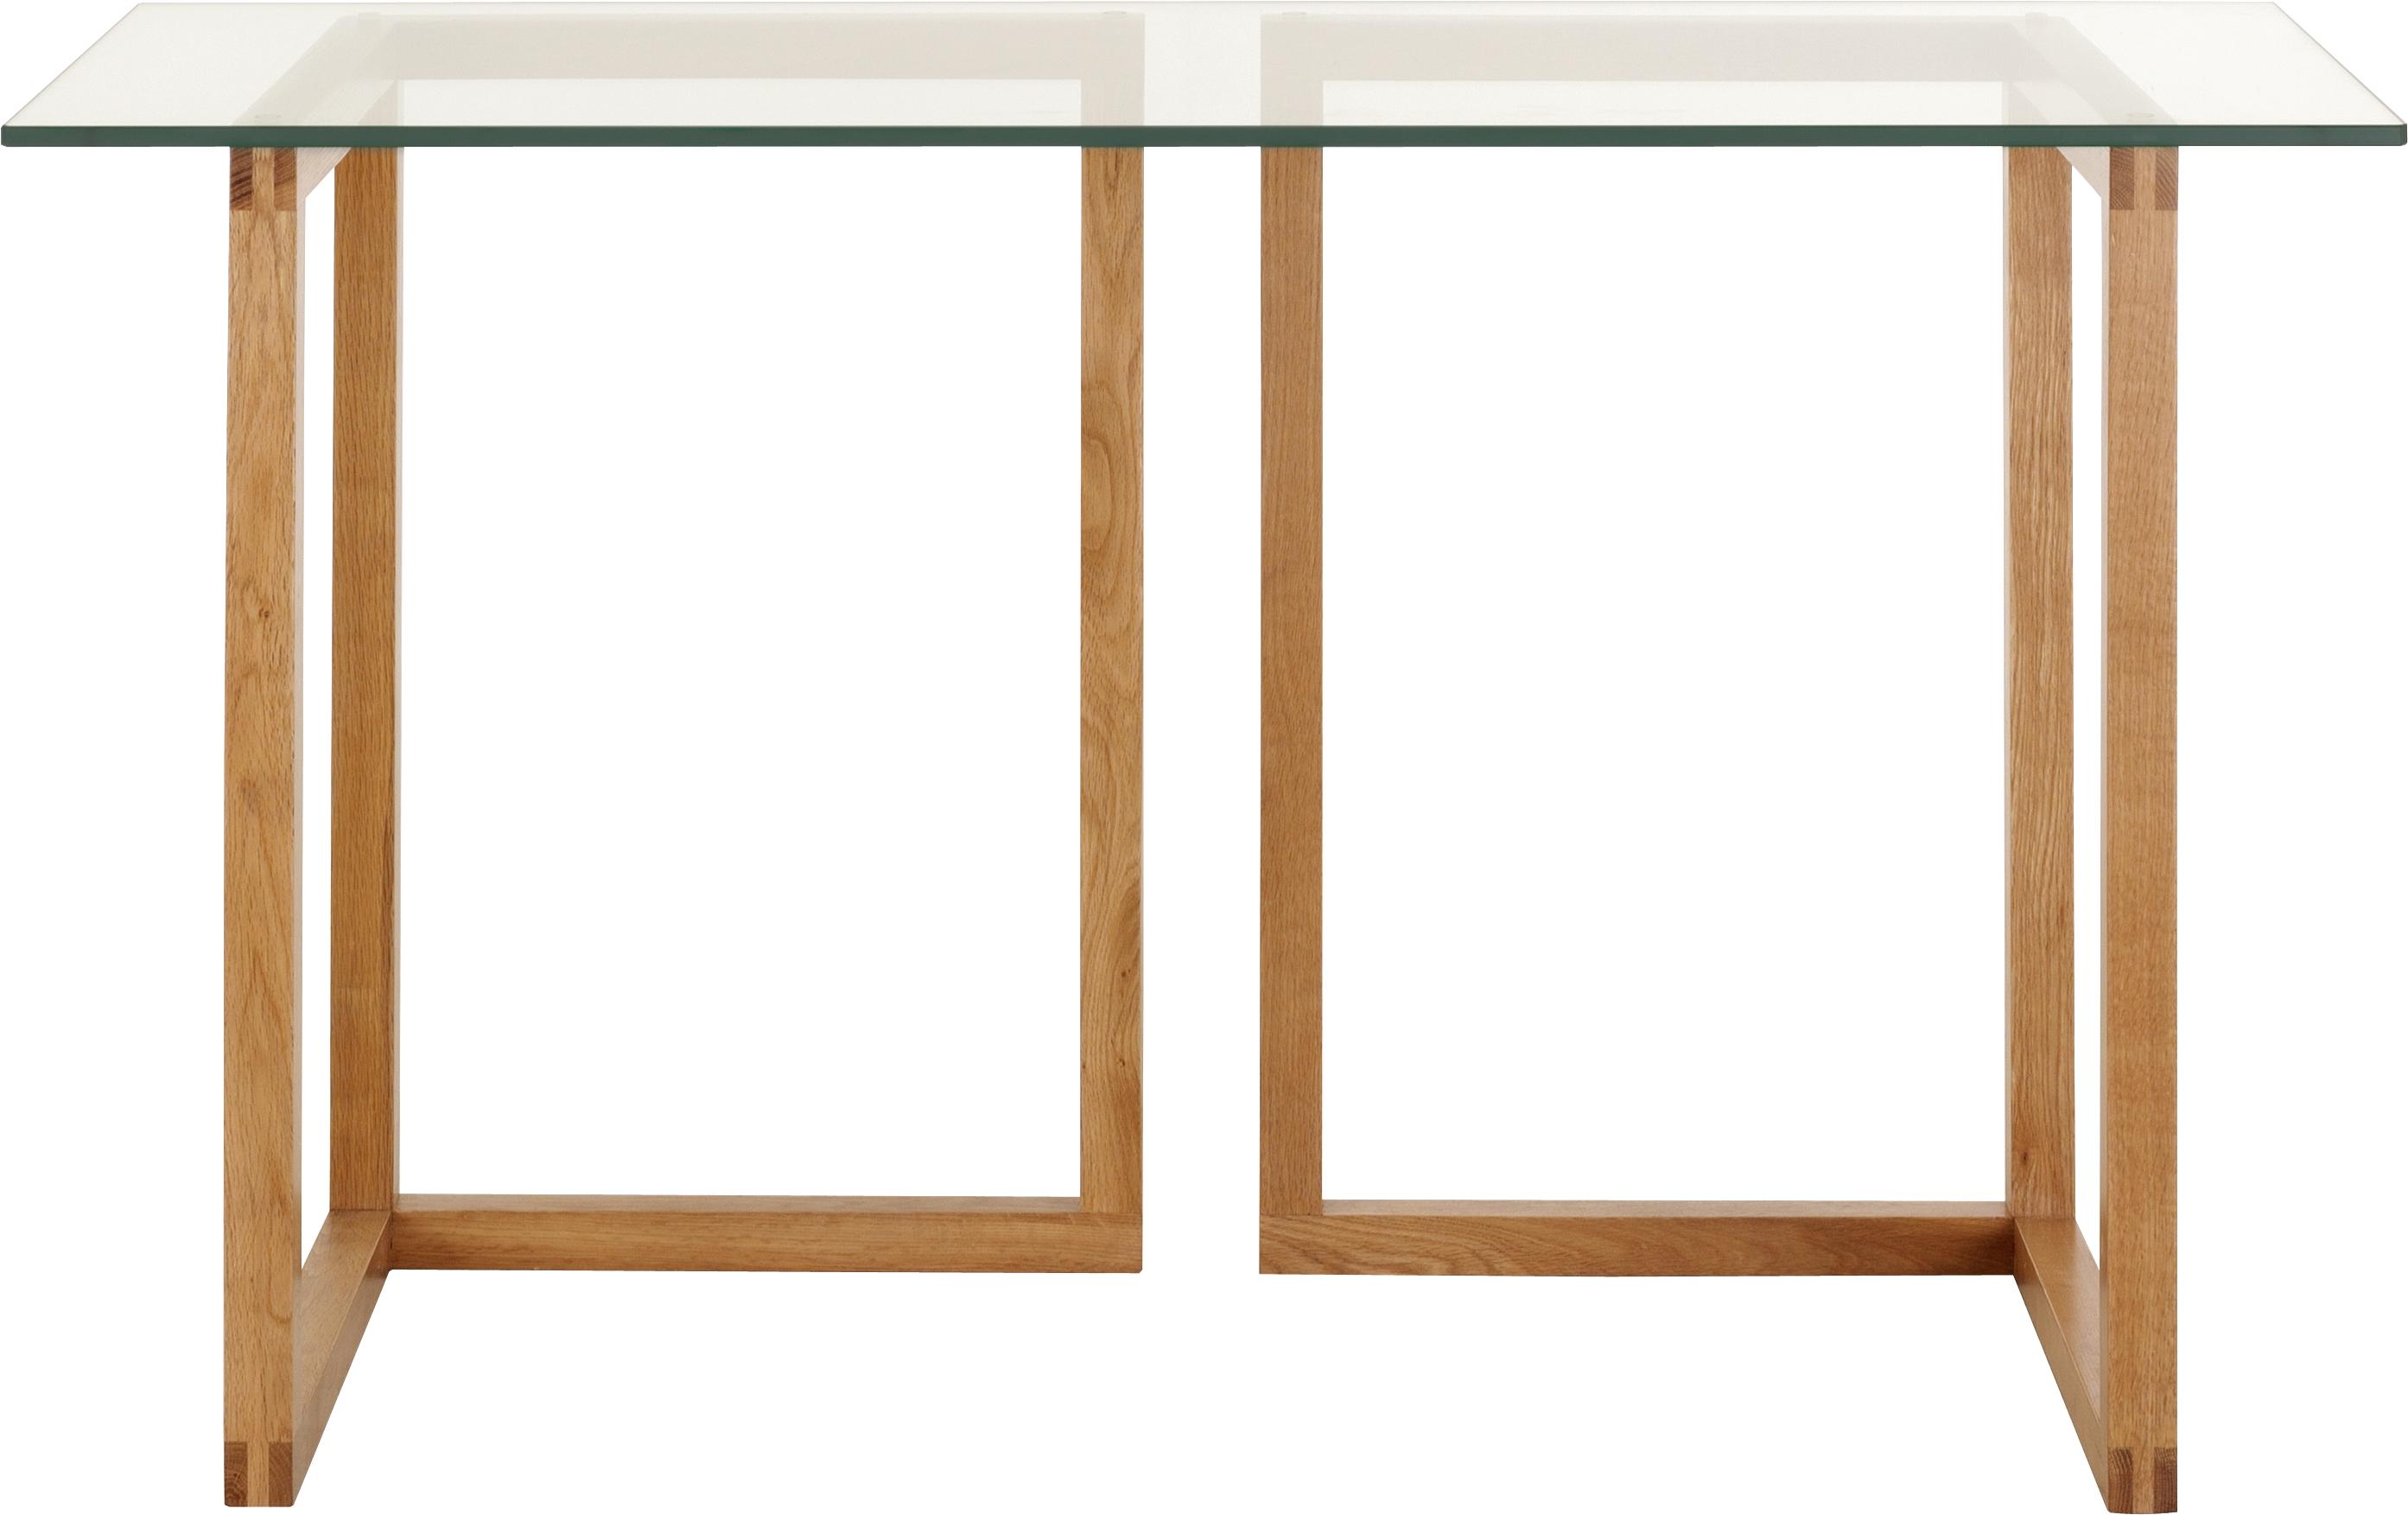 Lagon Plateau De Verre 120x50cm Mobilier De Salon Table En Verre Table Salle A Manger